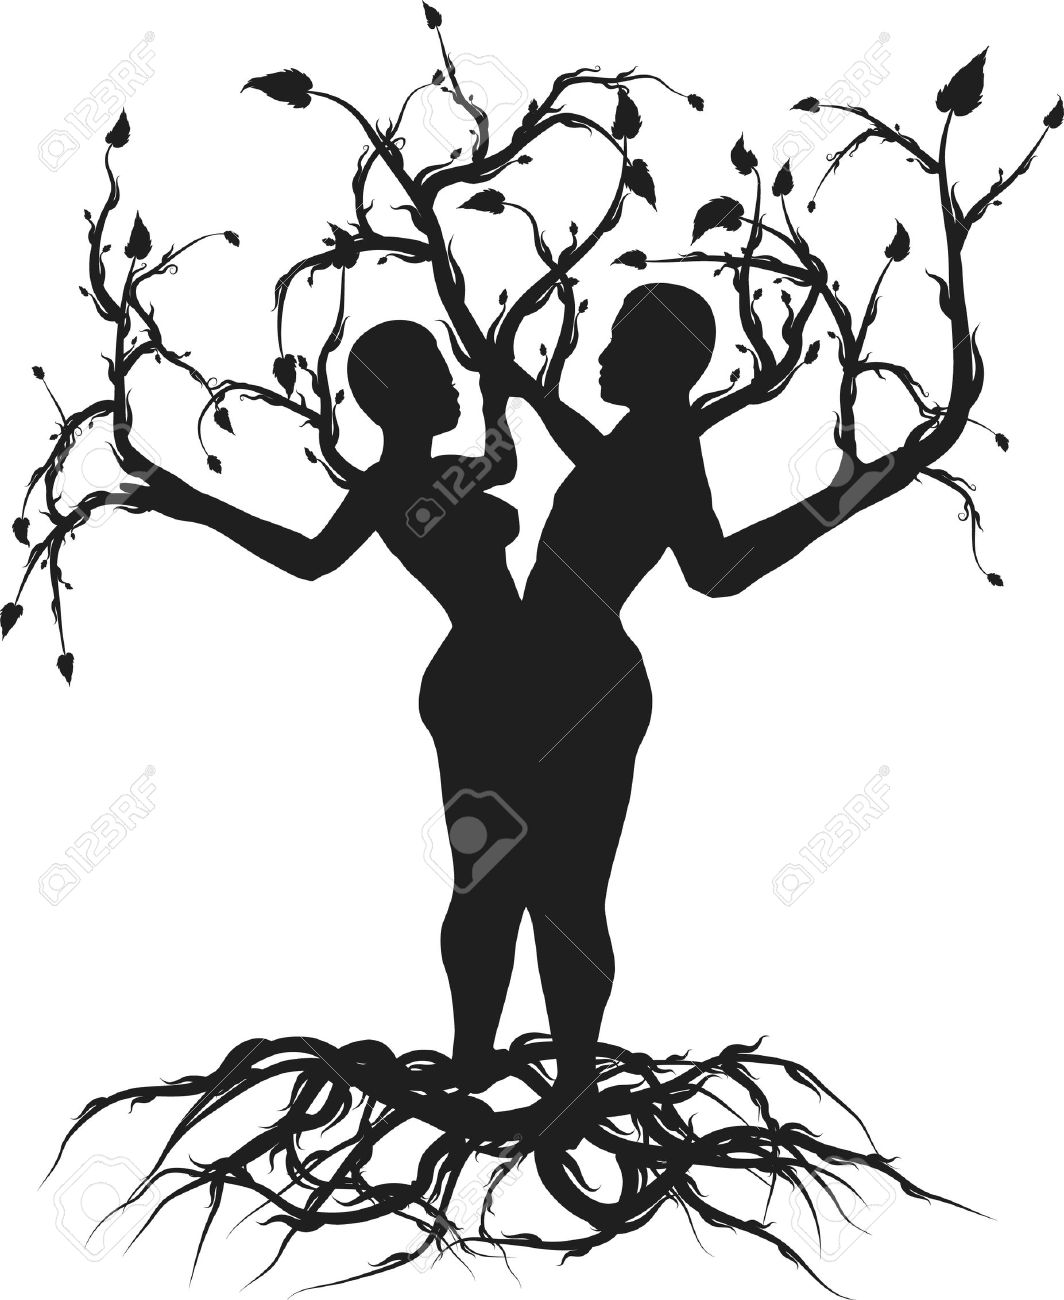 Ilustración Conceptual Del árbol De La Vida Uno Color